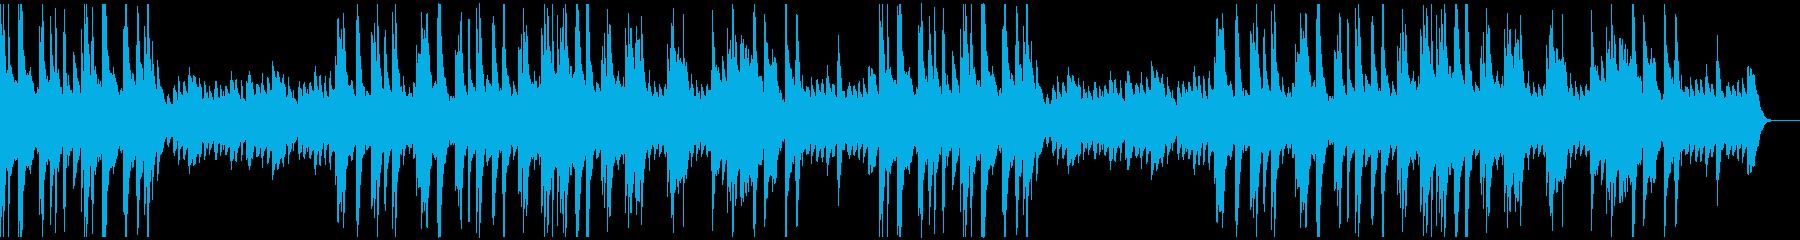 ゆったりと明るいソロ・ピアノ曲の再生済みの波形